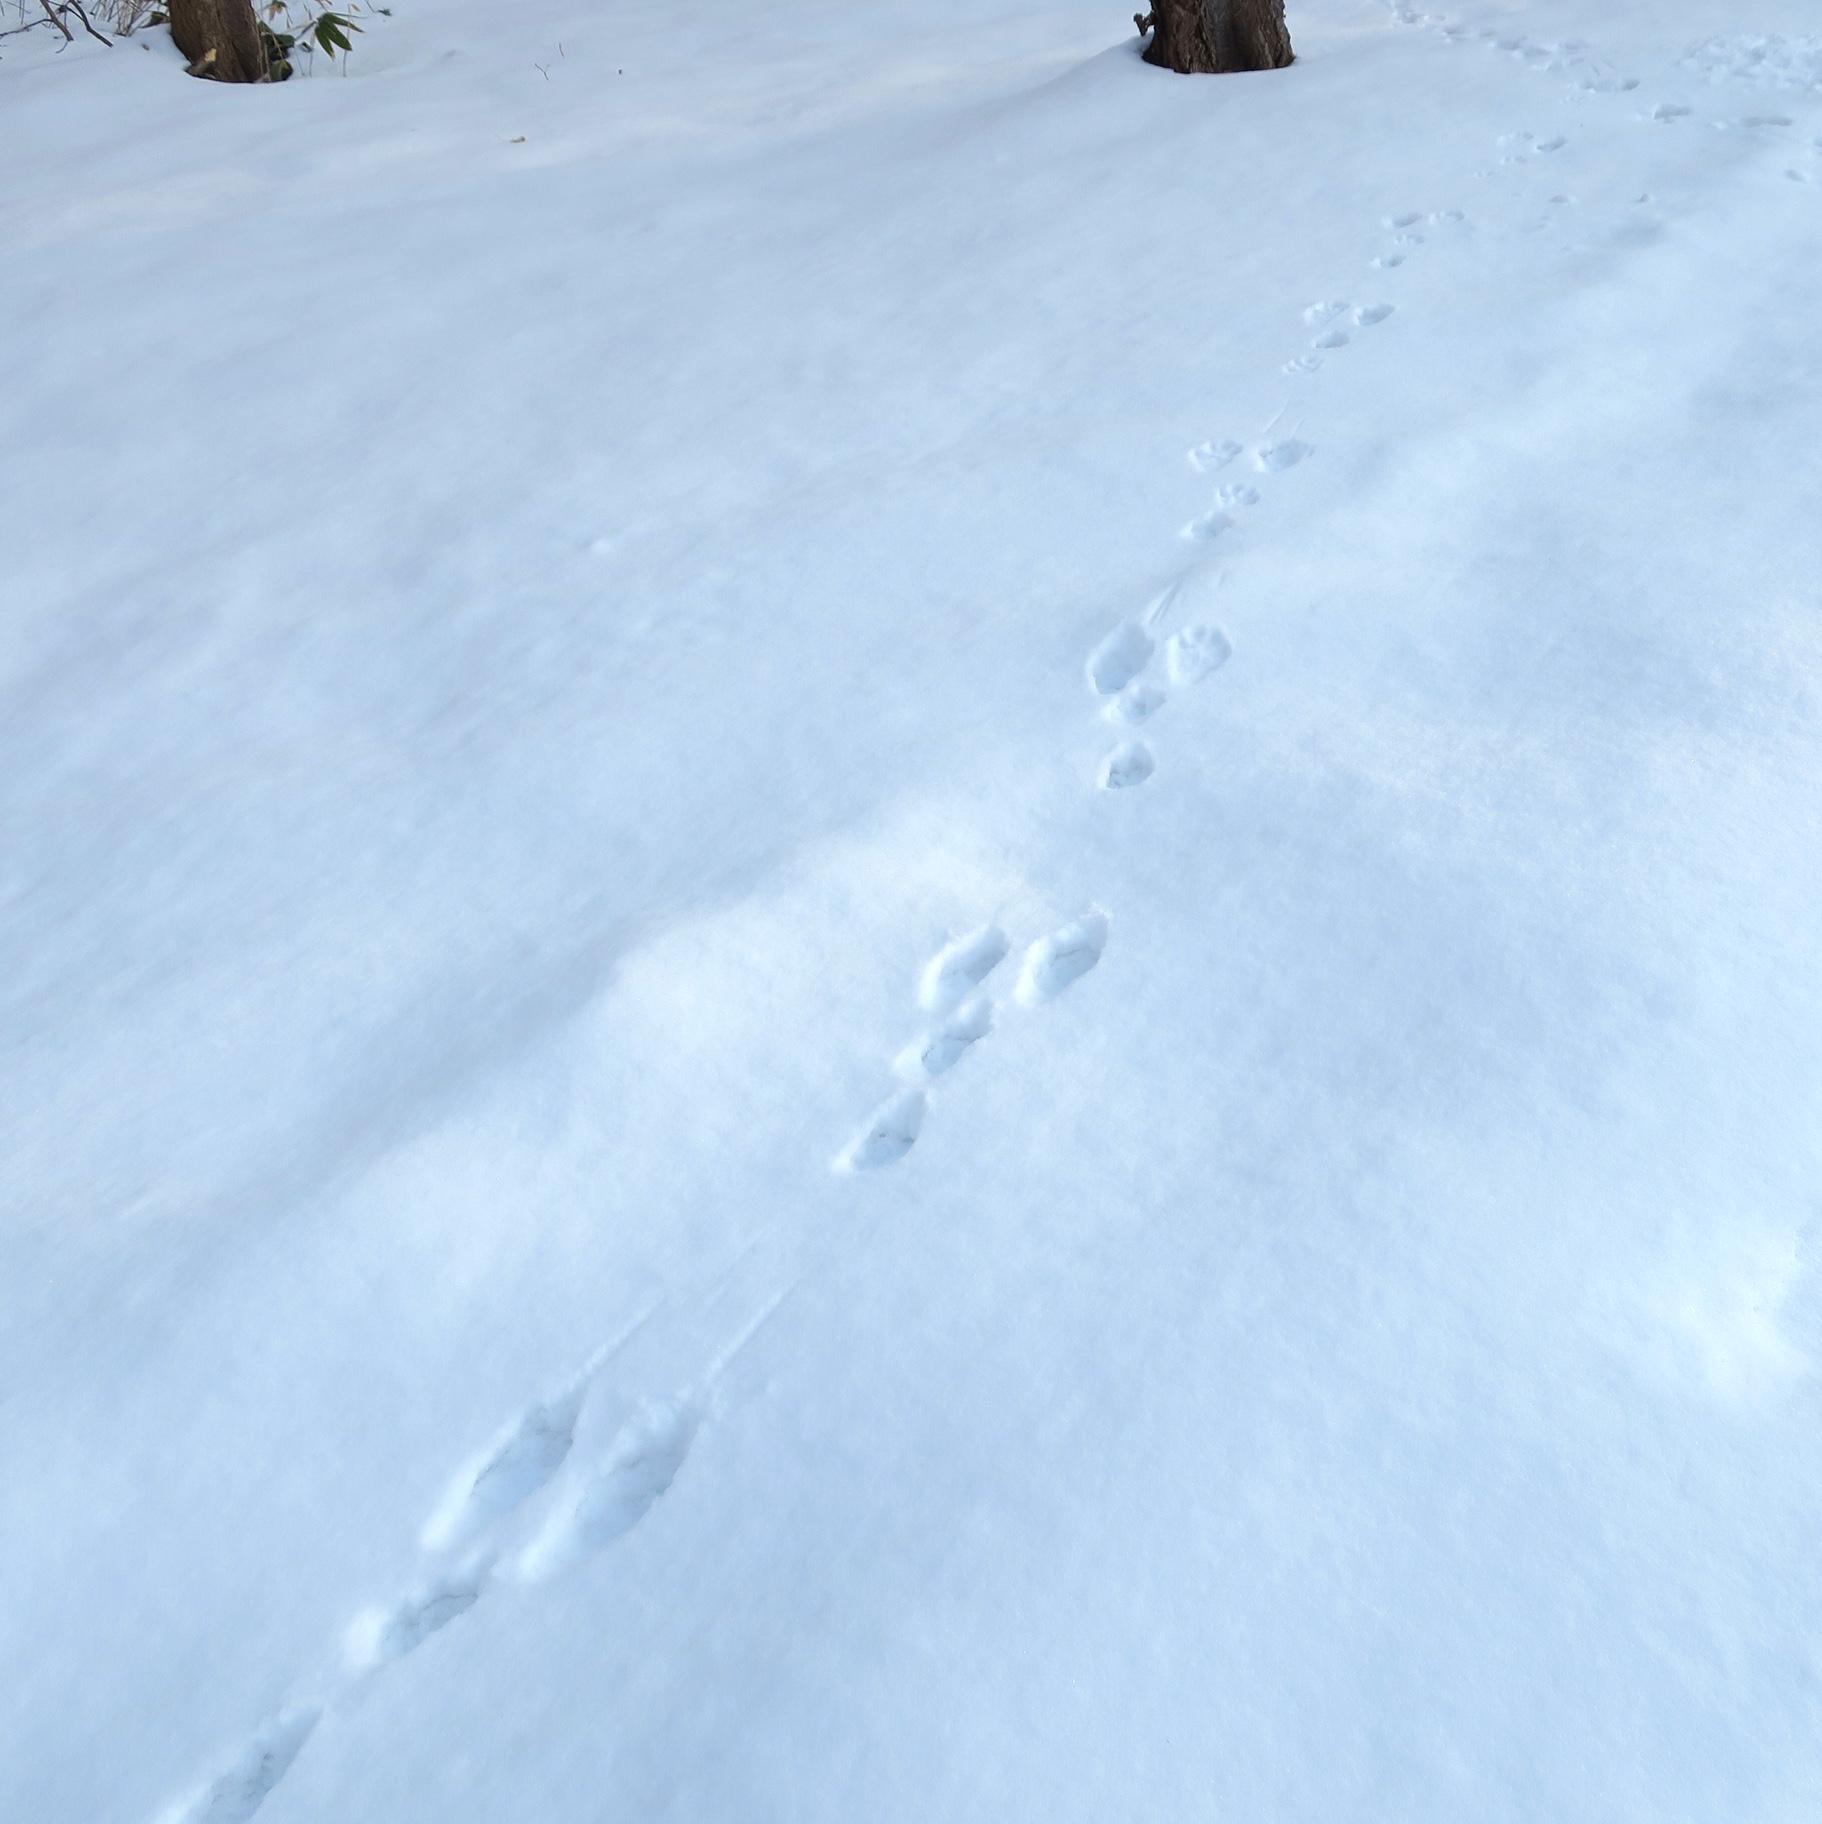 自然観察会<br>雪の森で足跡を探そう